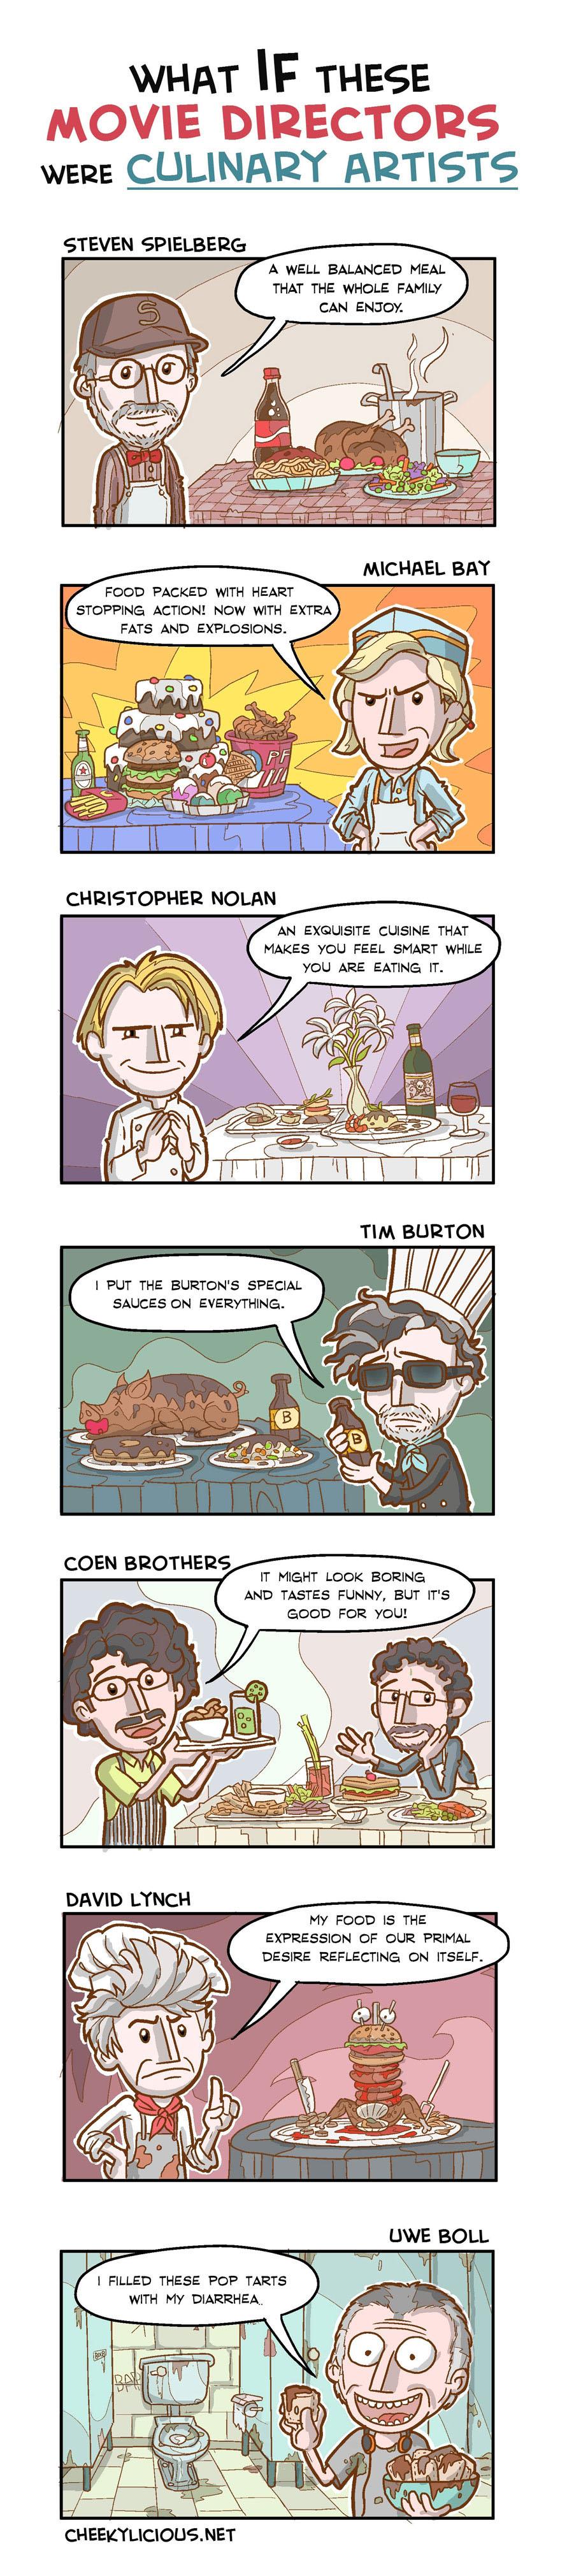 directors-as-chefs2